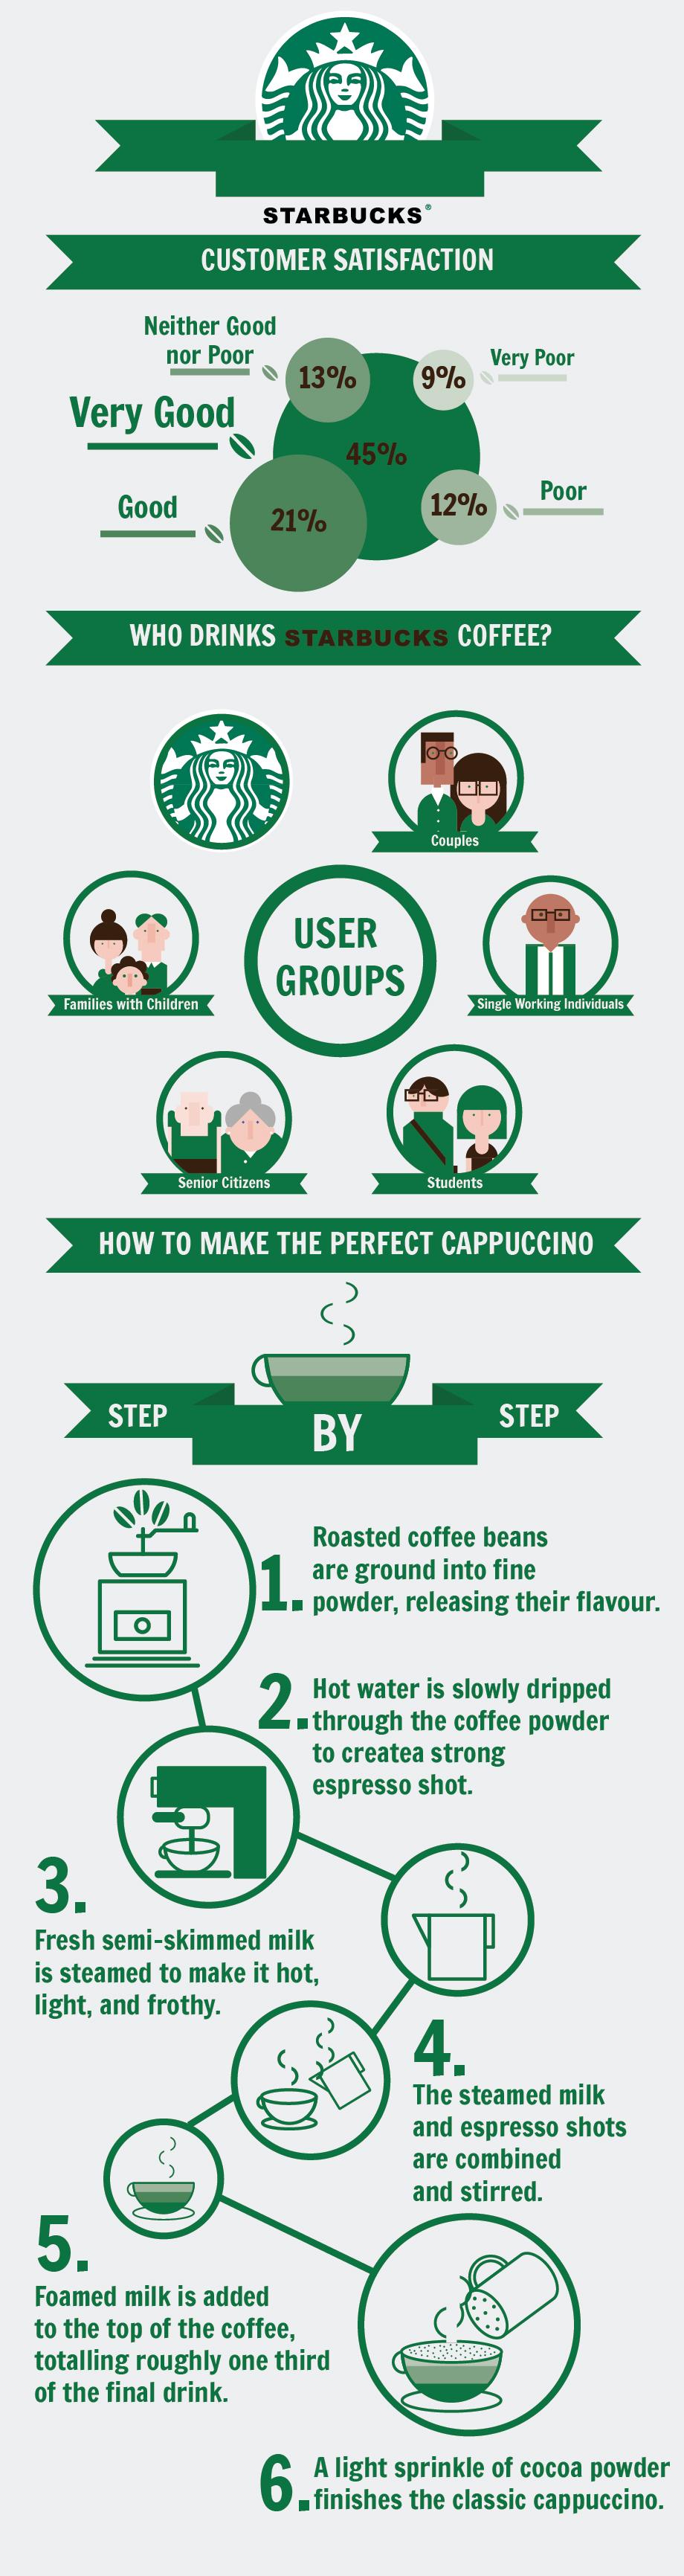 Starbucks-01.jpg